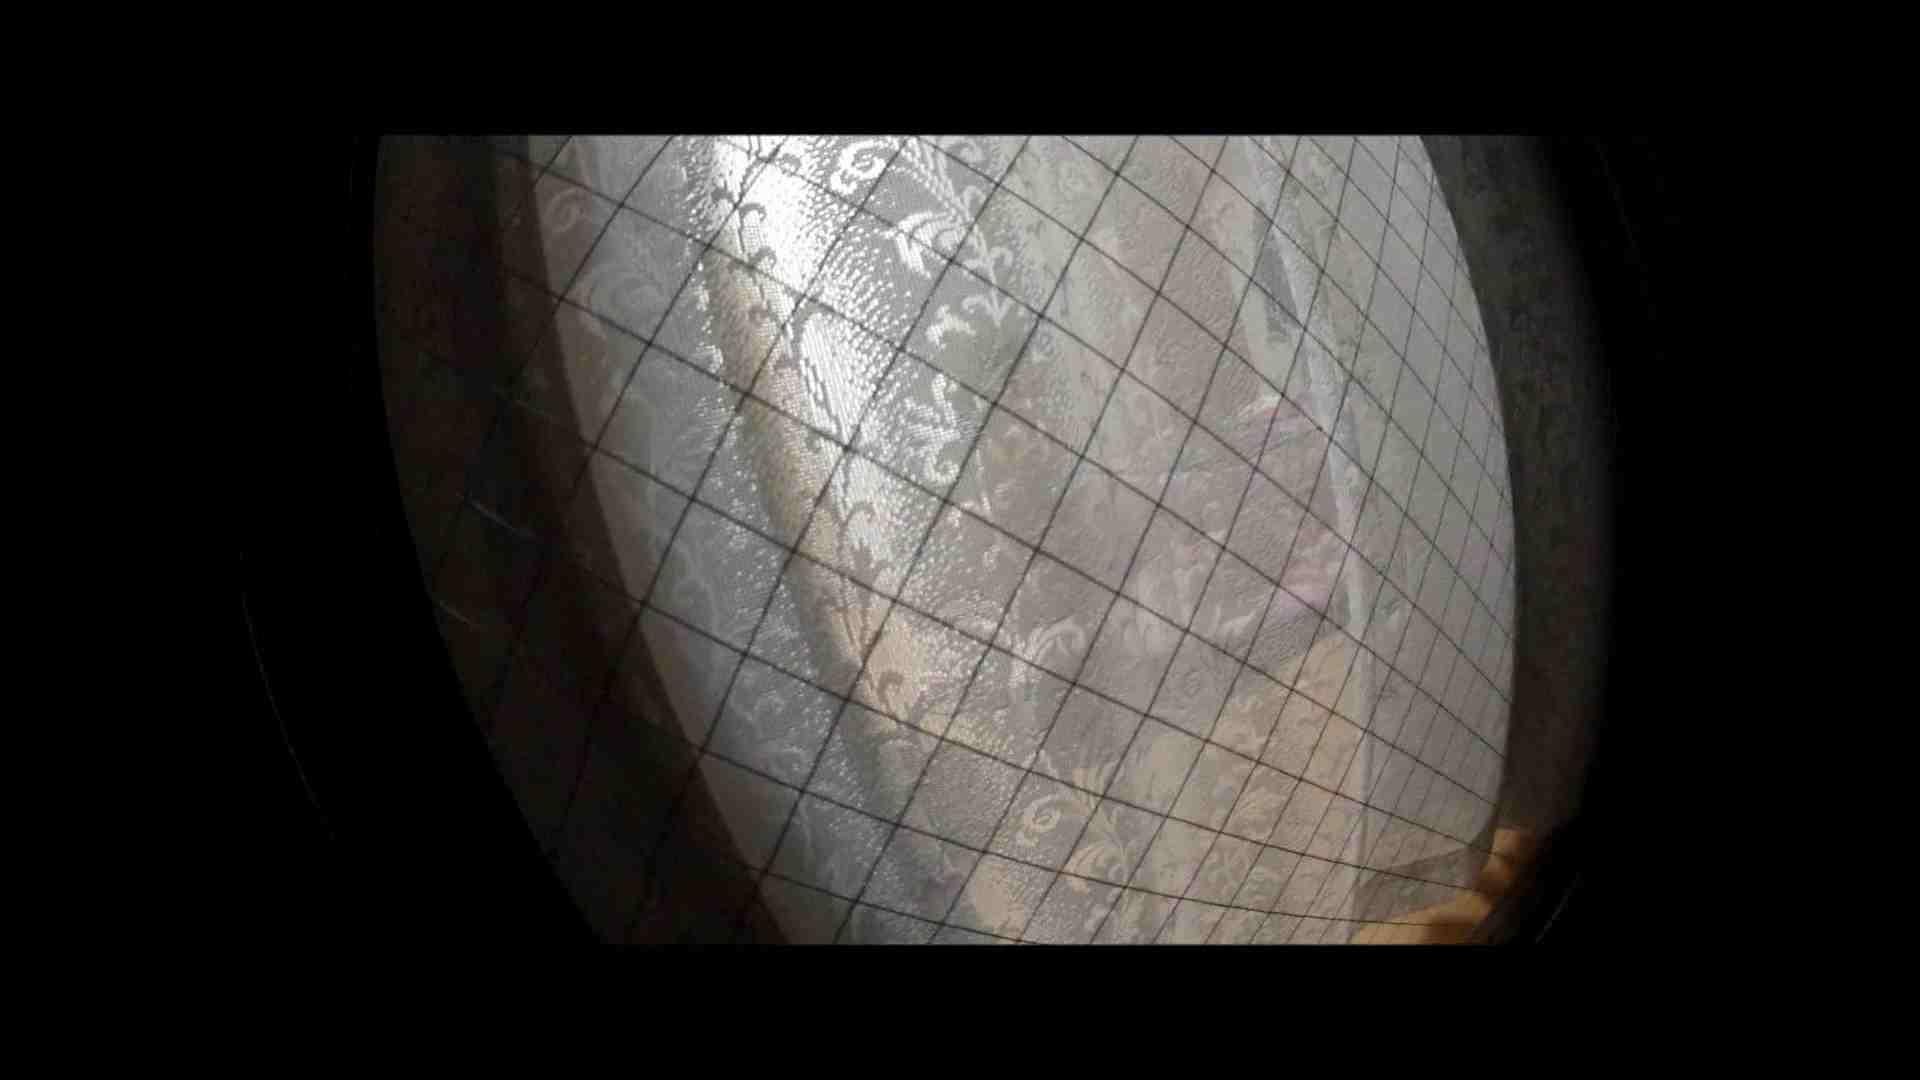 【04】別の日・・・魚眼レンズで広角に撮れました。 Hな熟女 えろ無修正画像 111pic 75